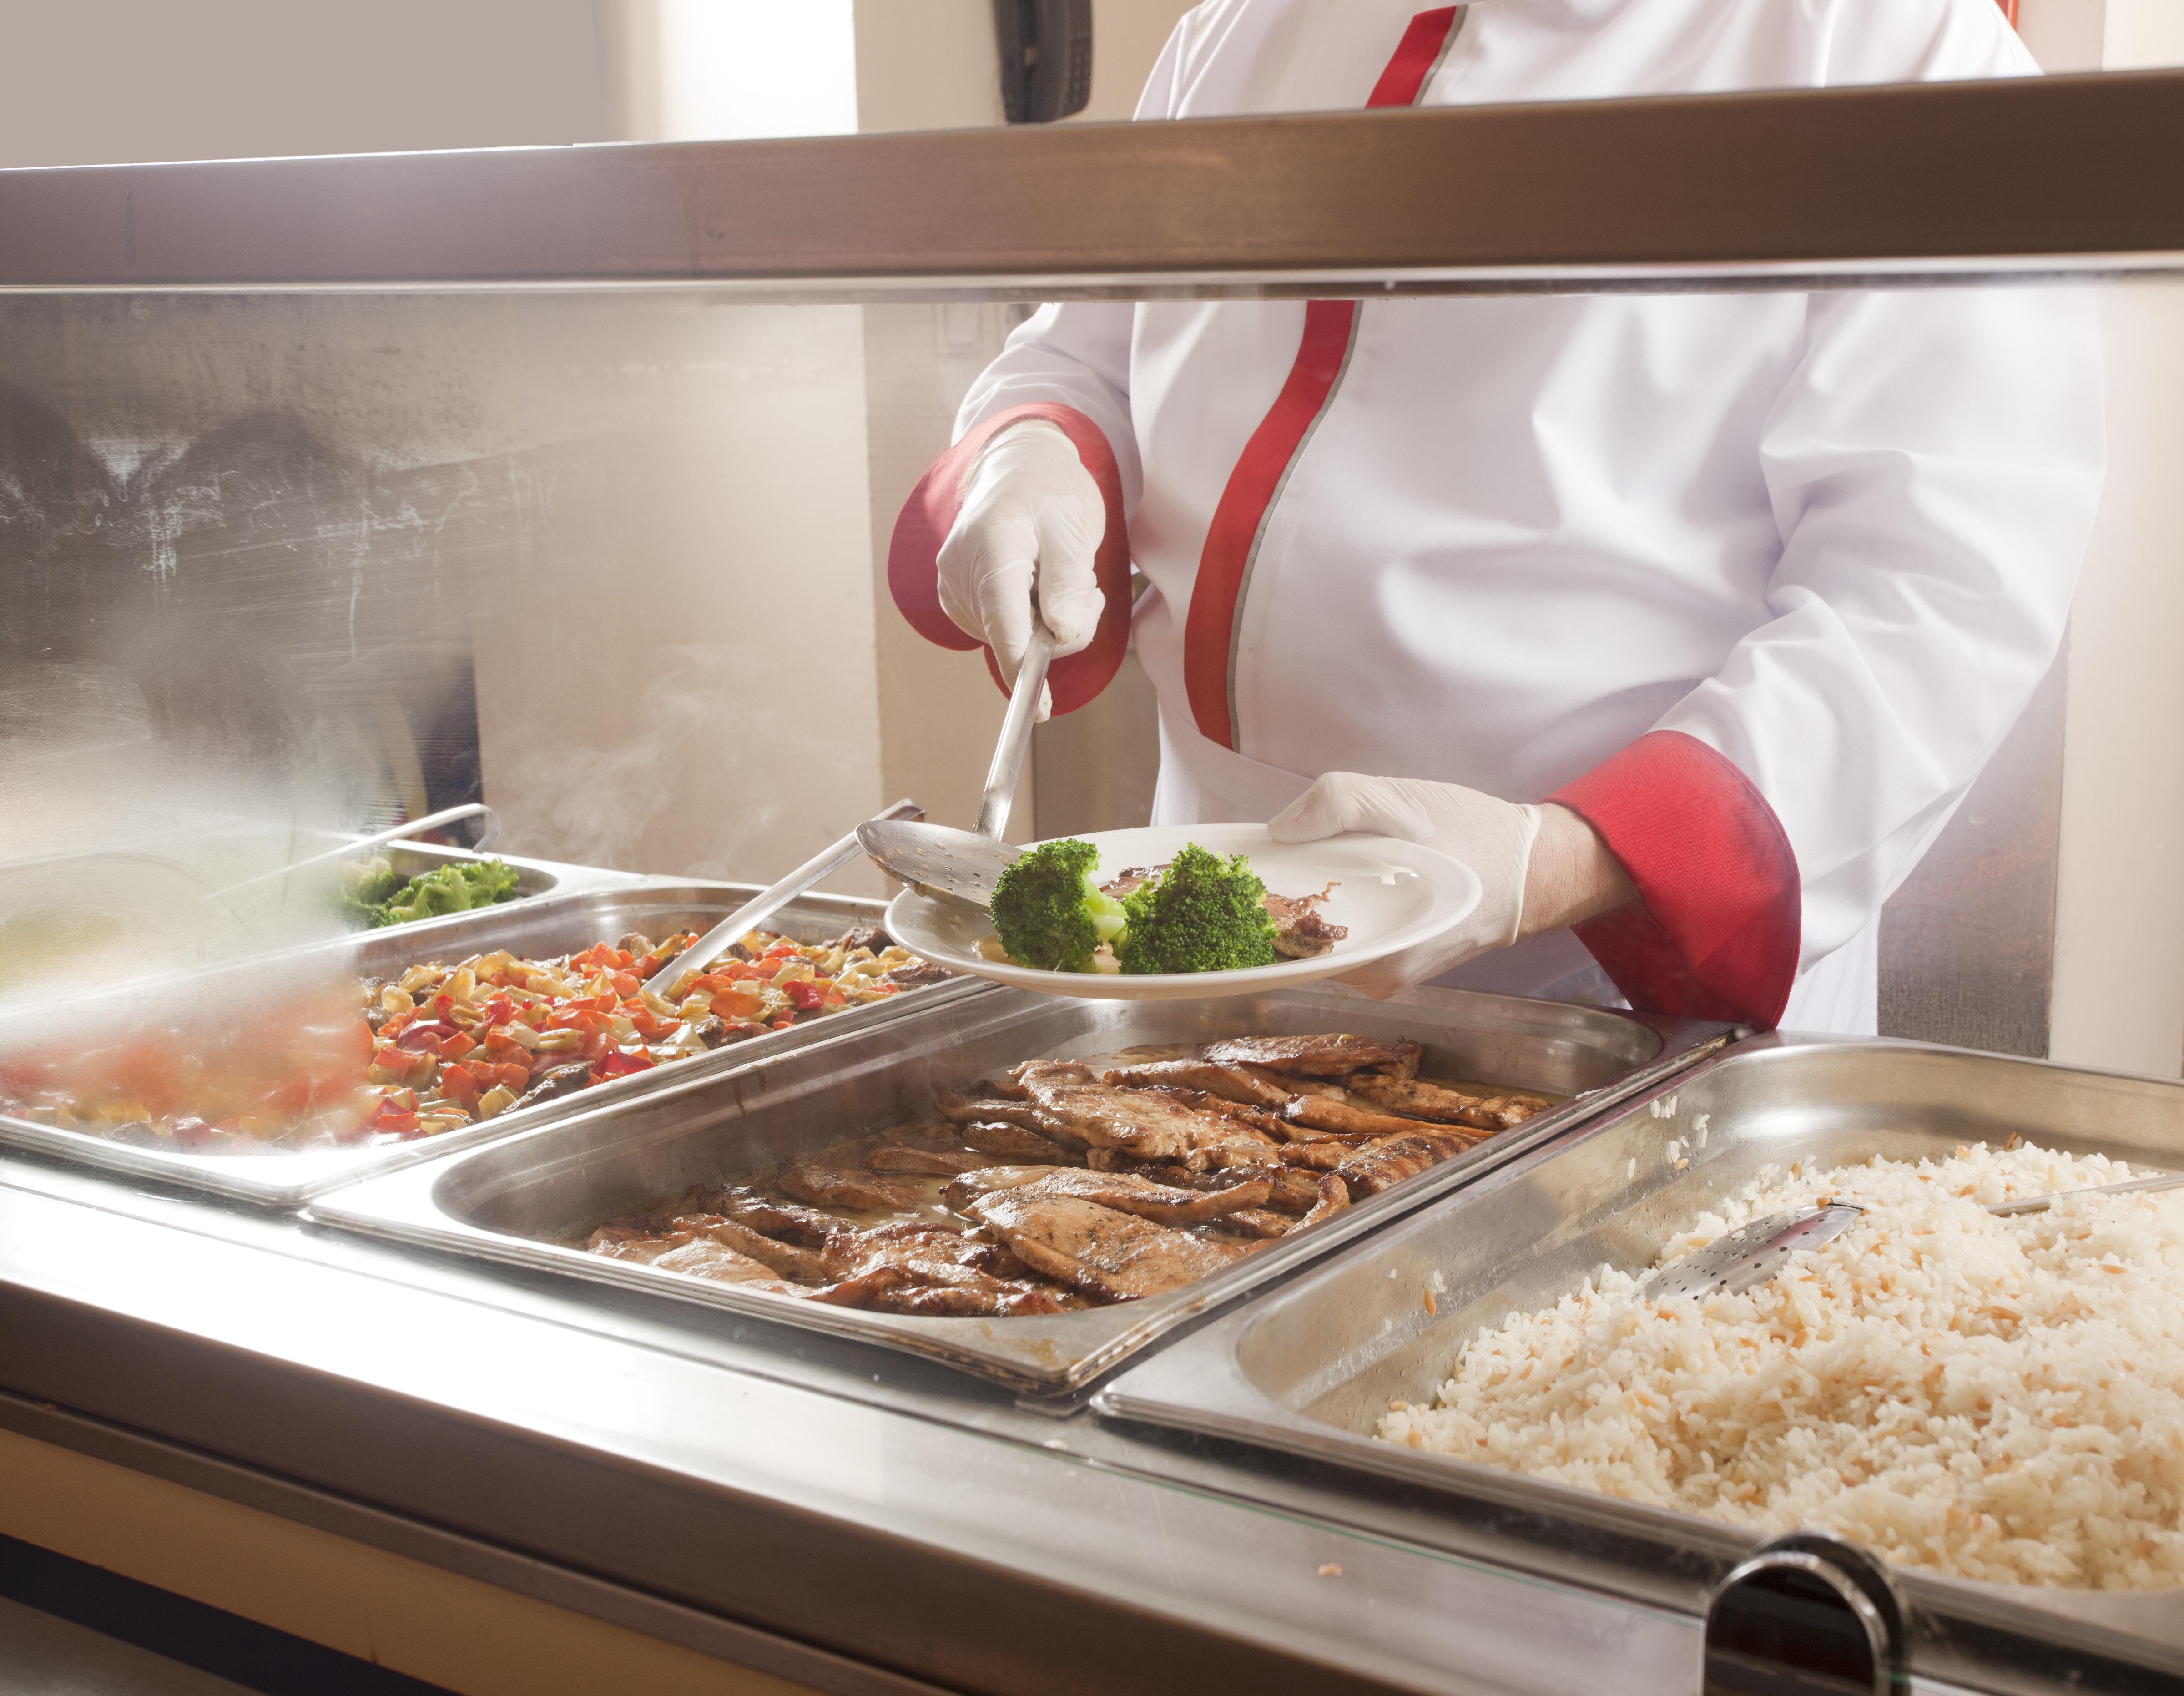 廃棄される給食がお弁当に変身。アメリカの小学校で画期的な試み